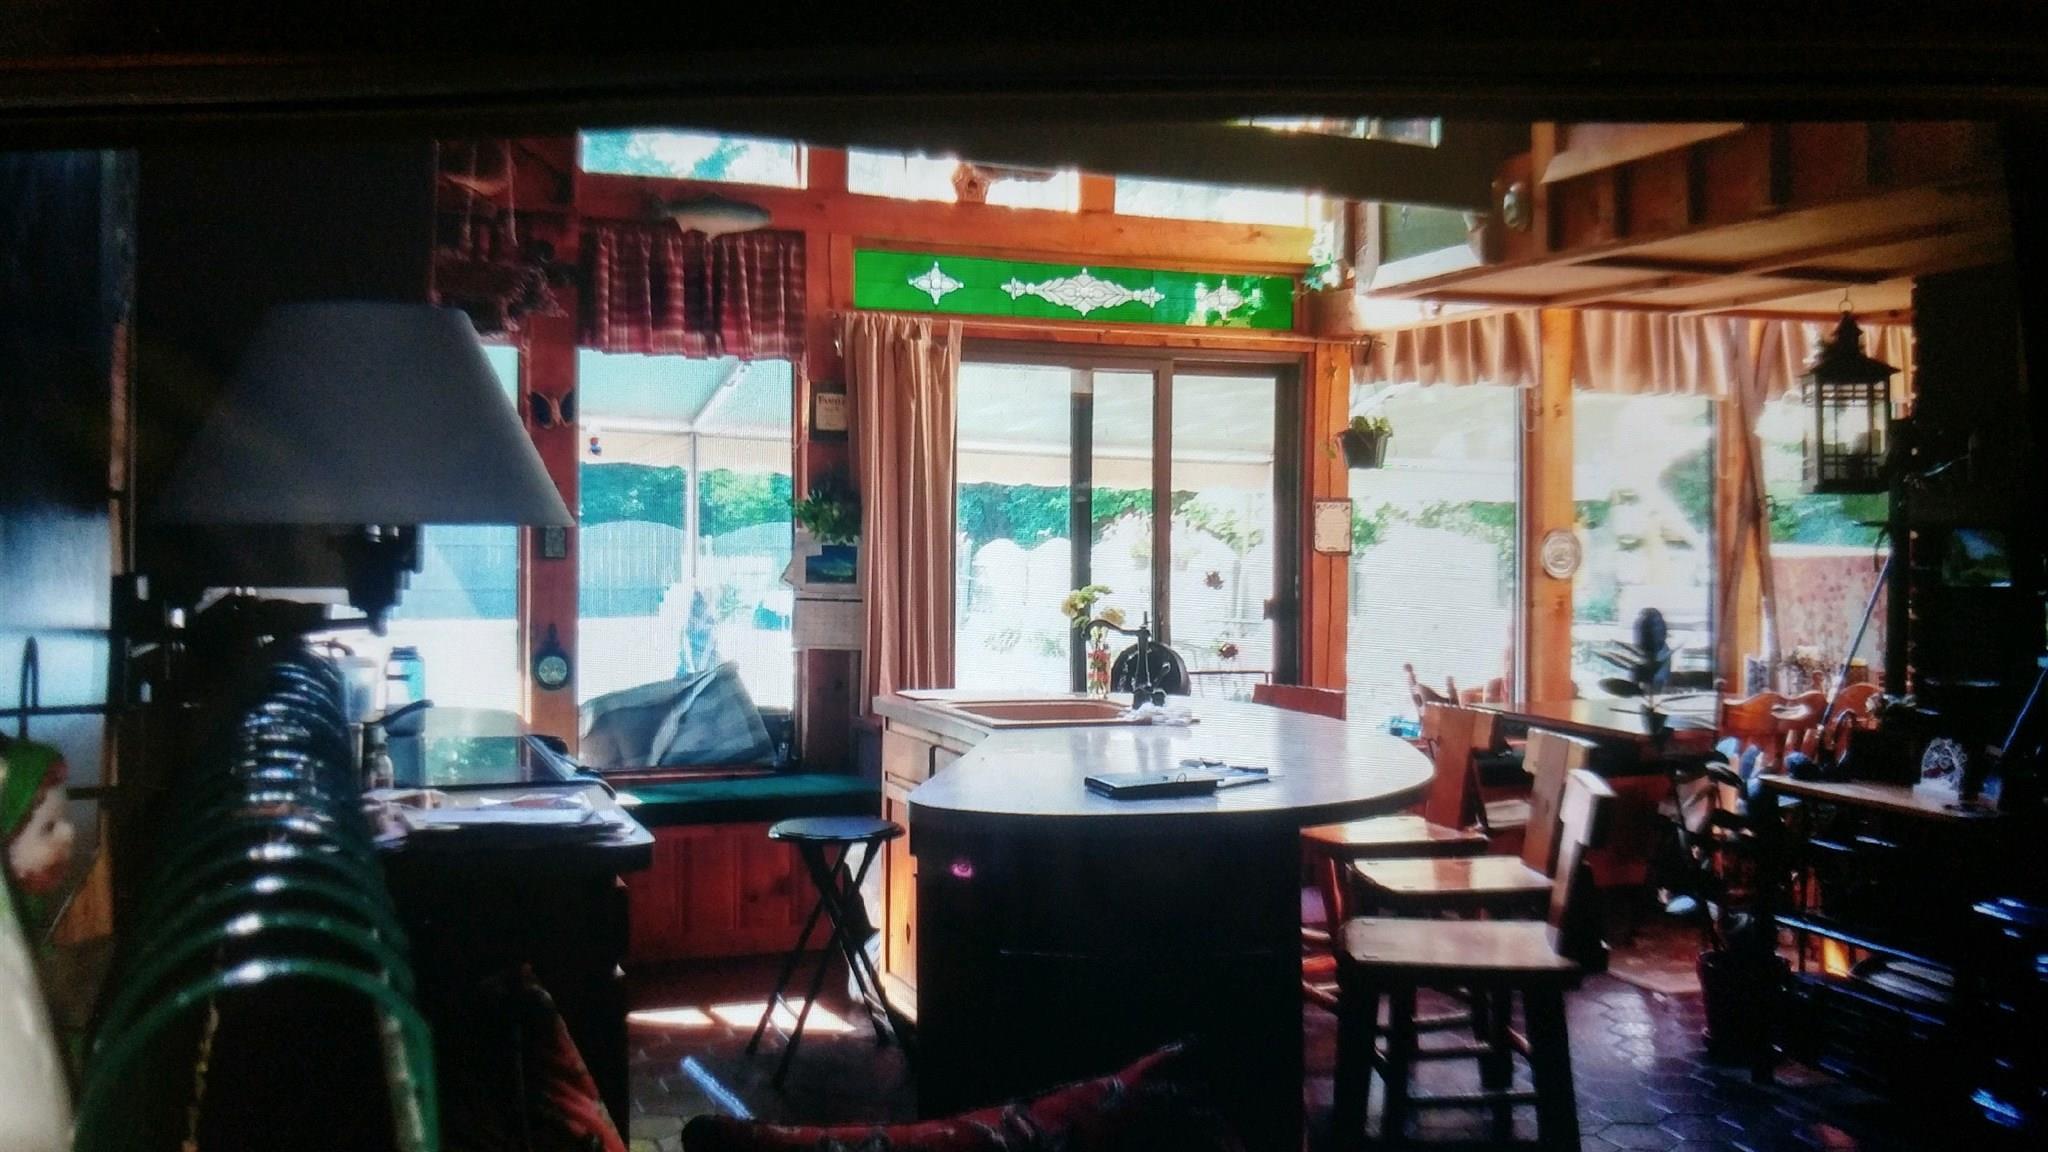 Gloversville image 77